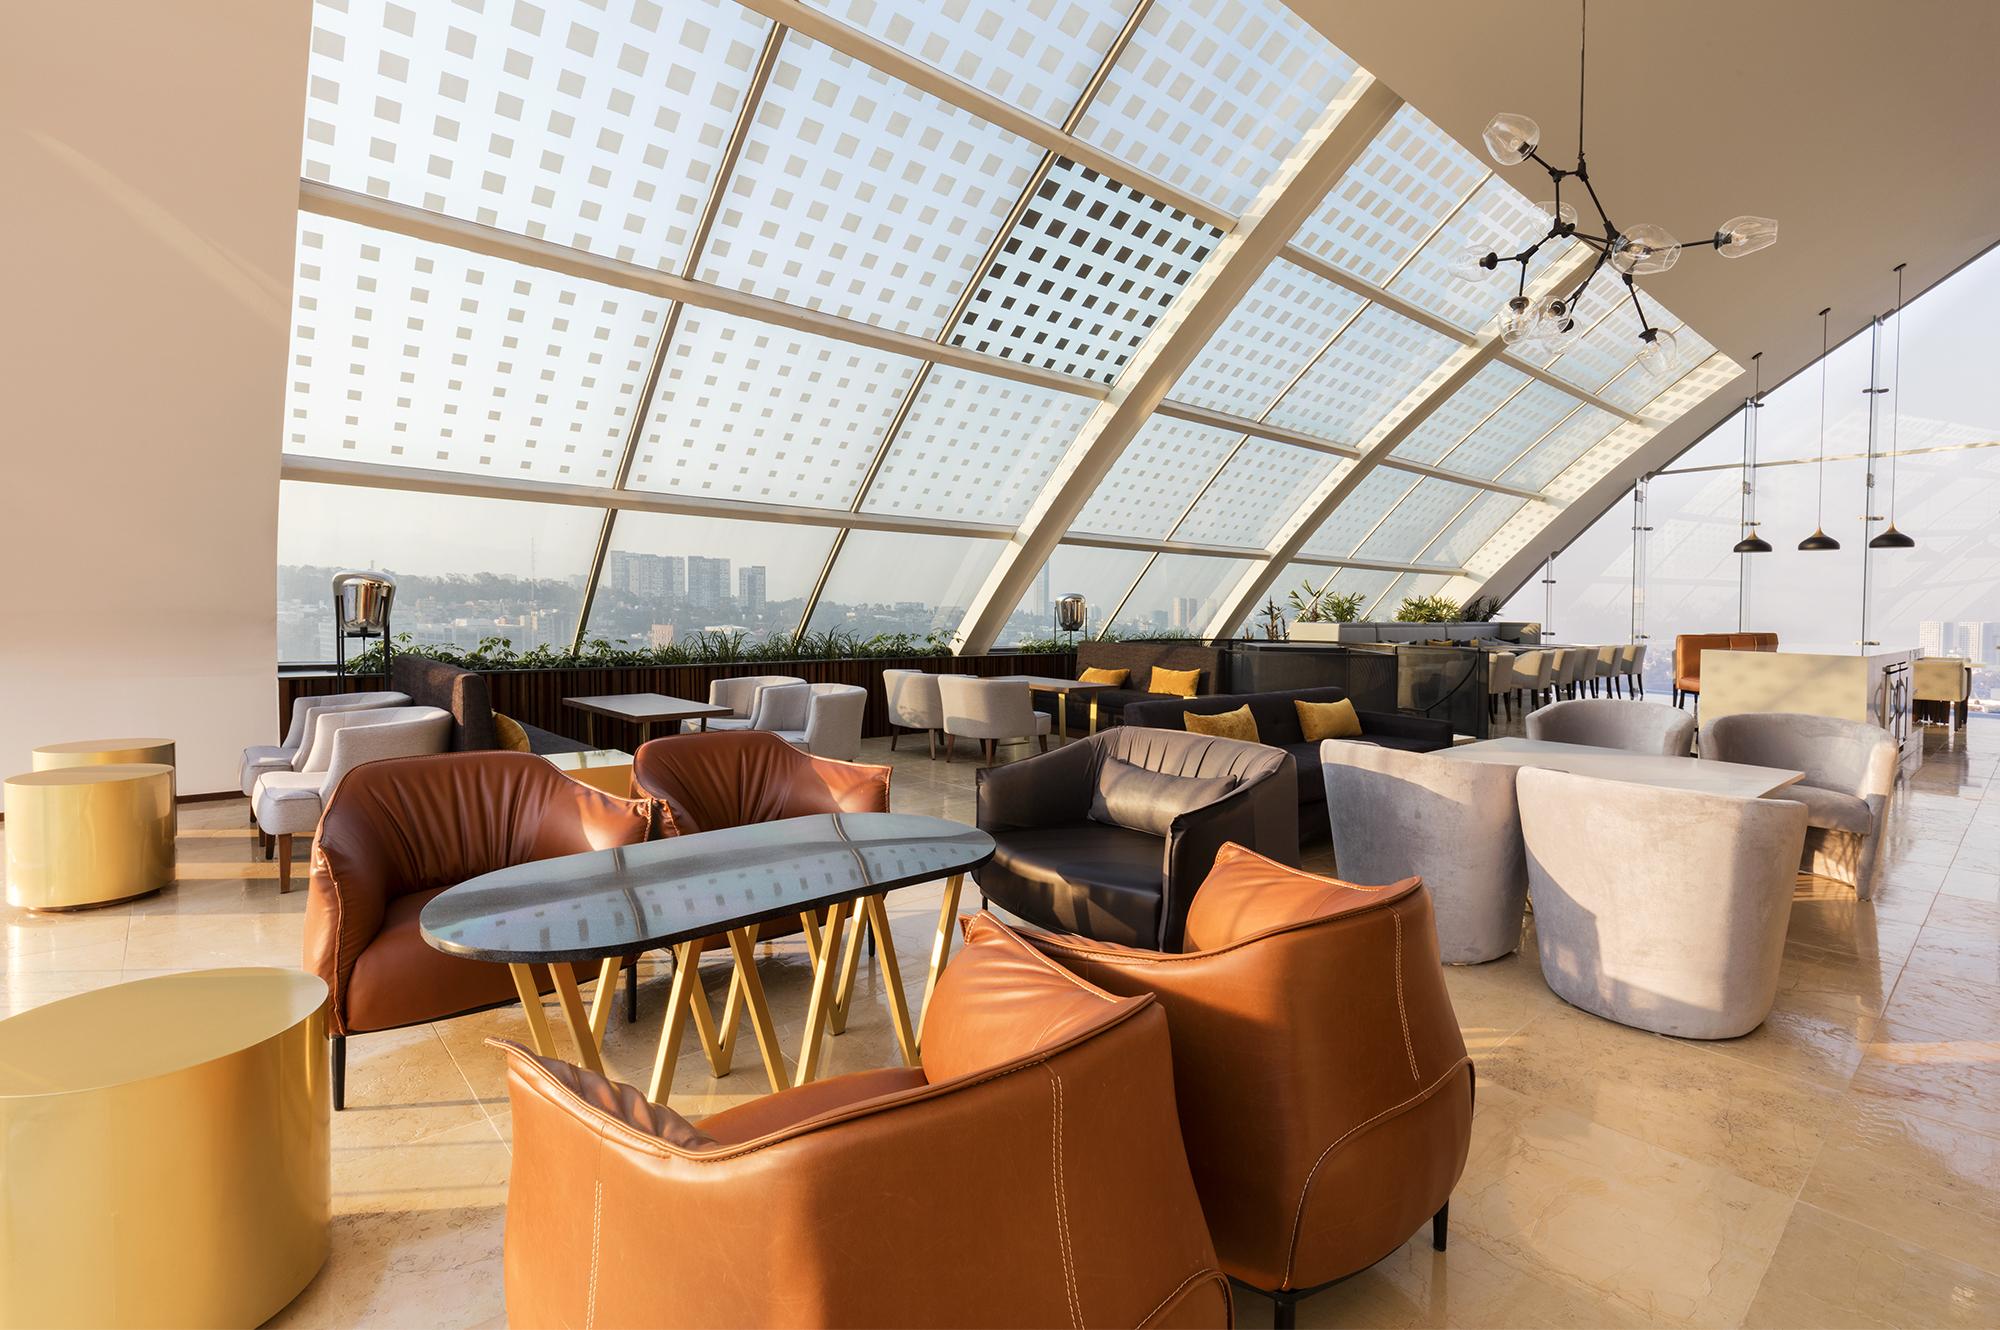 El exclusivo hotel de la CDMX que tienes que visitar si eres adicto a las galletas (y a todo lo que tenga que ver con postres)